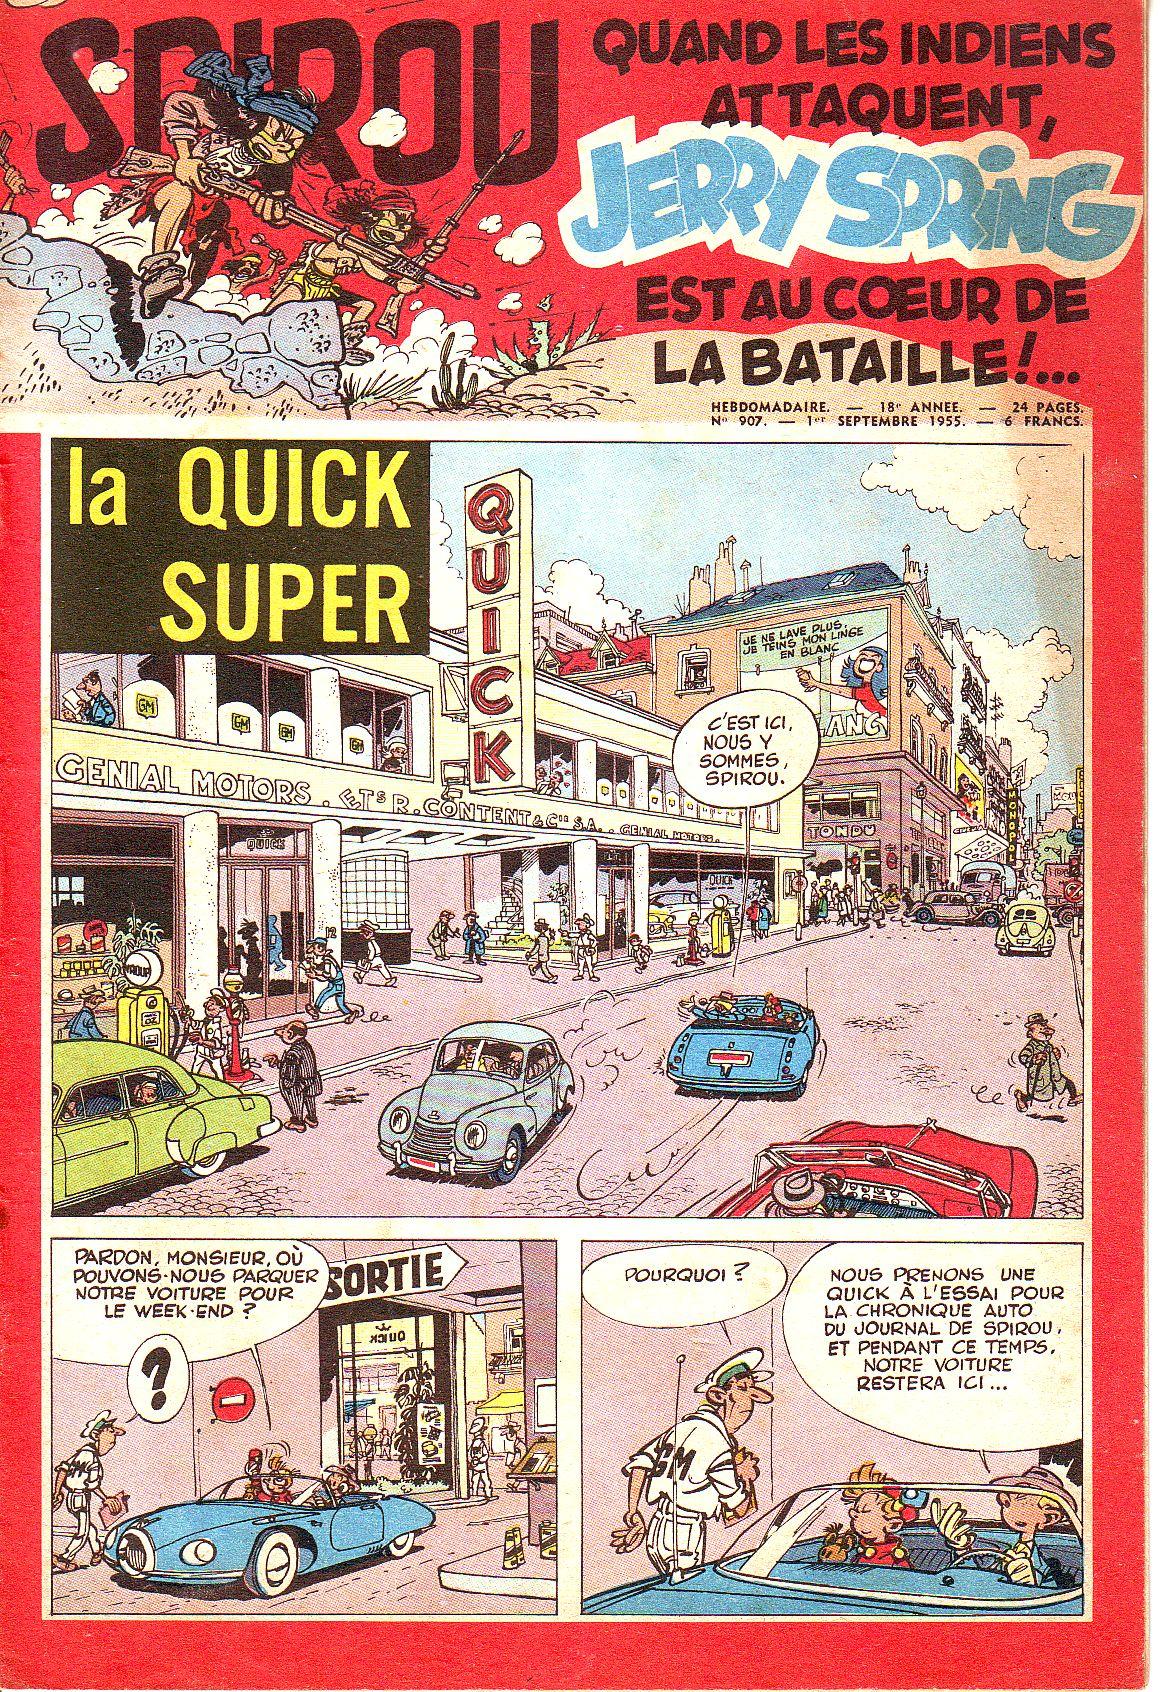 Le journal de Spirou 907